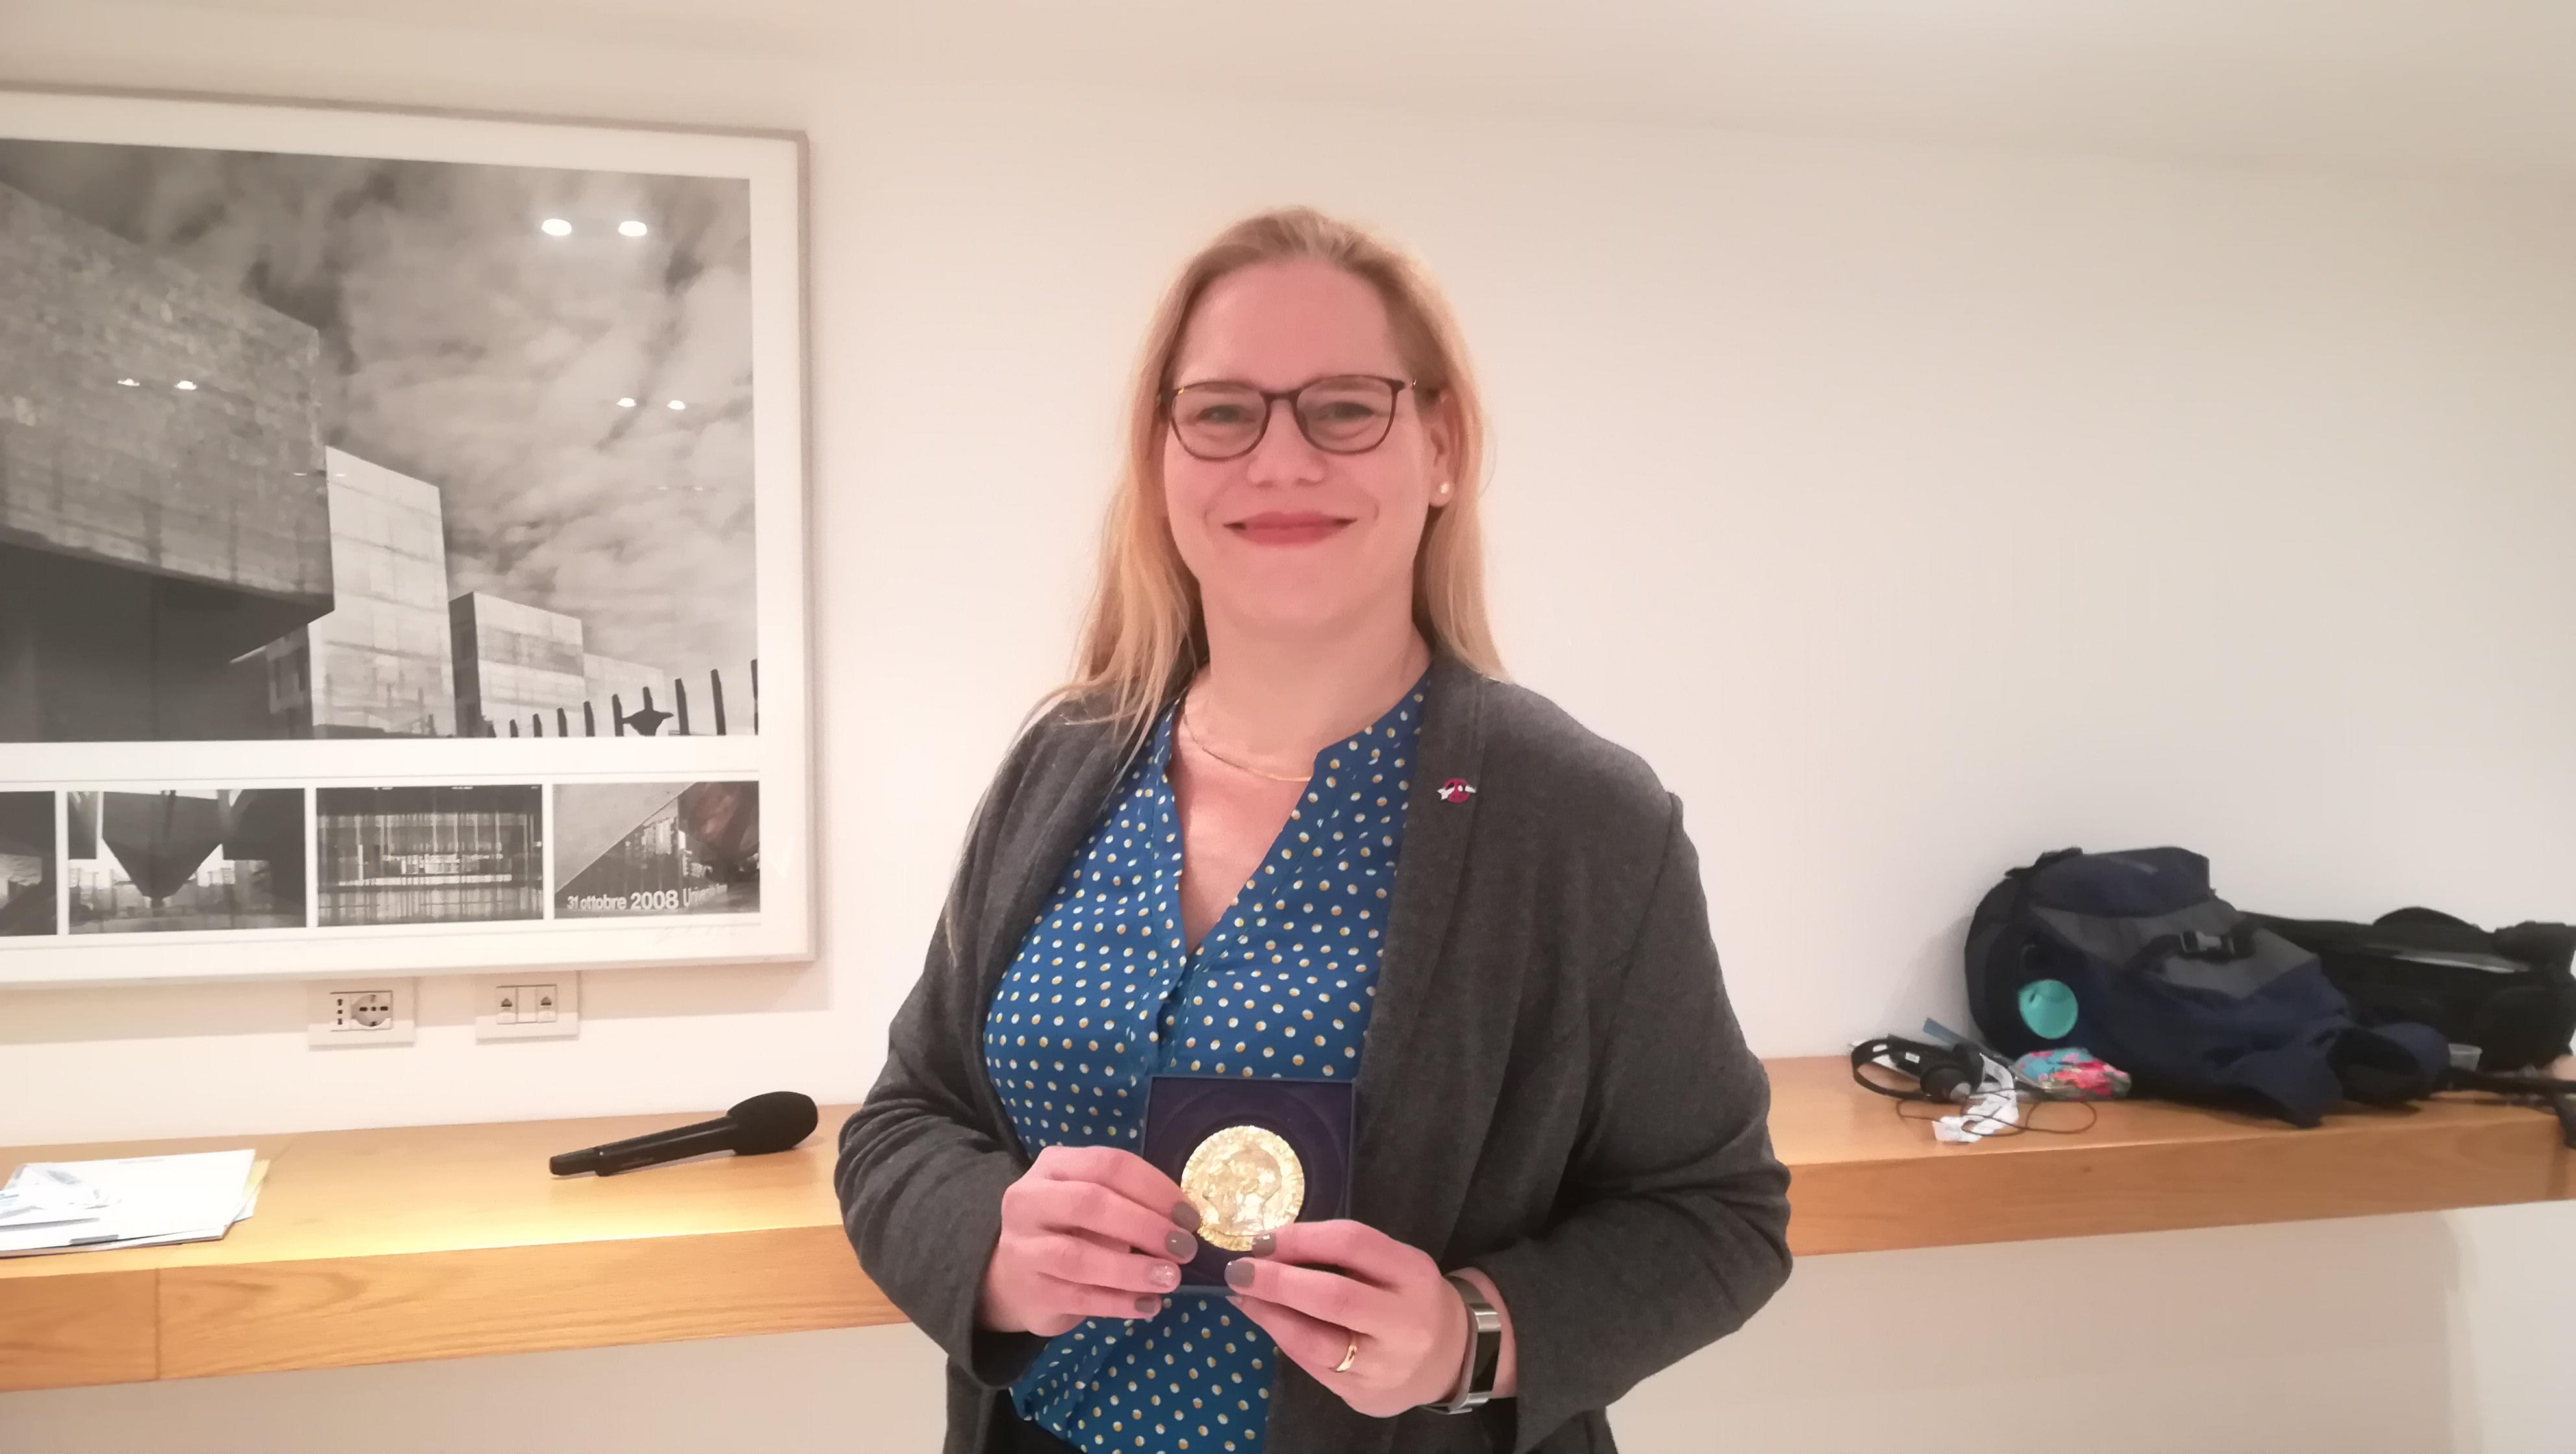 Susi Snyder mostra con orgoglio la medaglia del Premio Nobel per la pace 2017